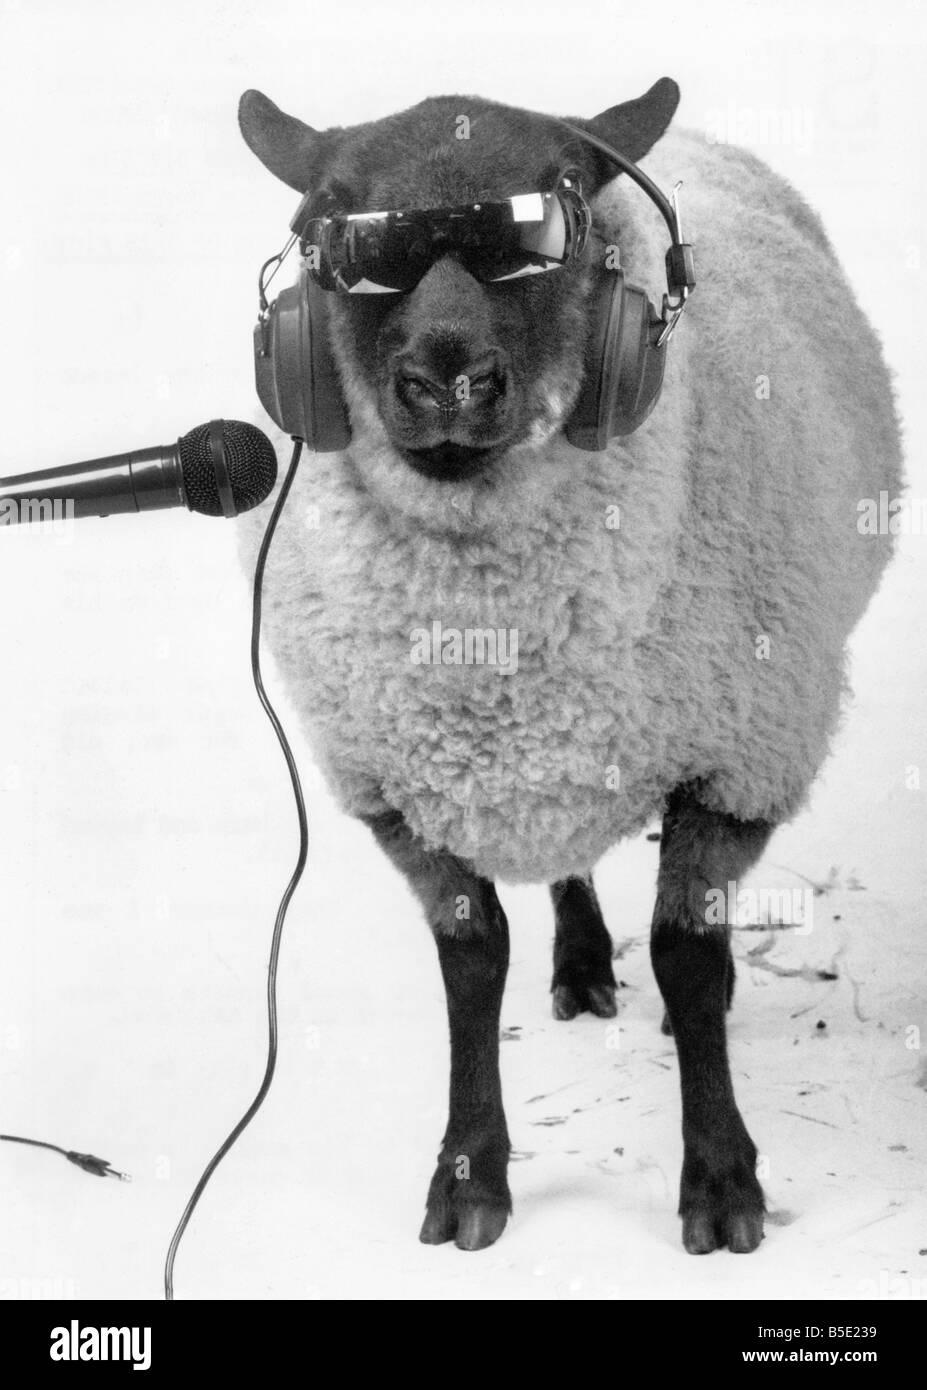 una-pecora-indossando-occhiali-da-sole-e-auricolari-come-canta-in-un-microfono1310circa-1985-b5e239.jpg